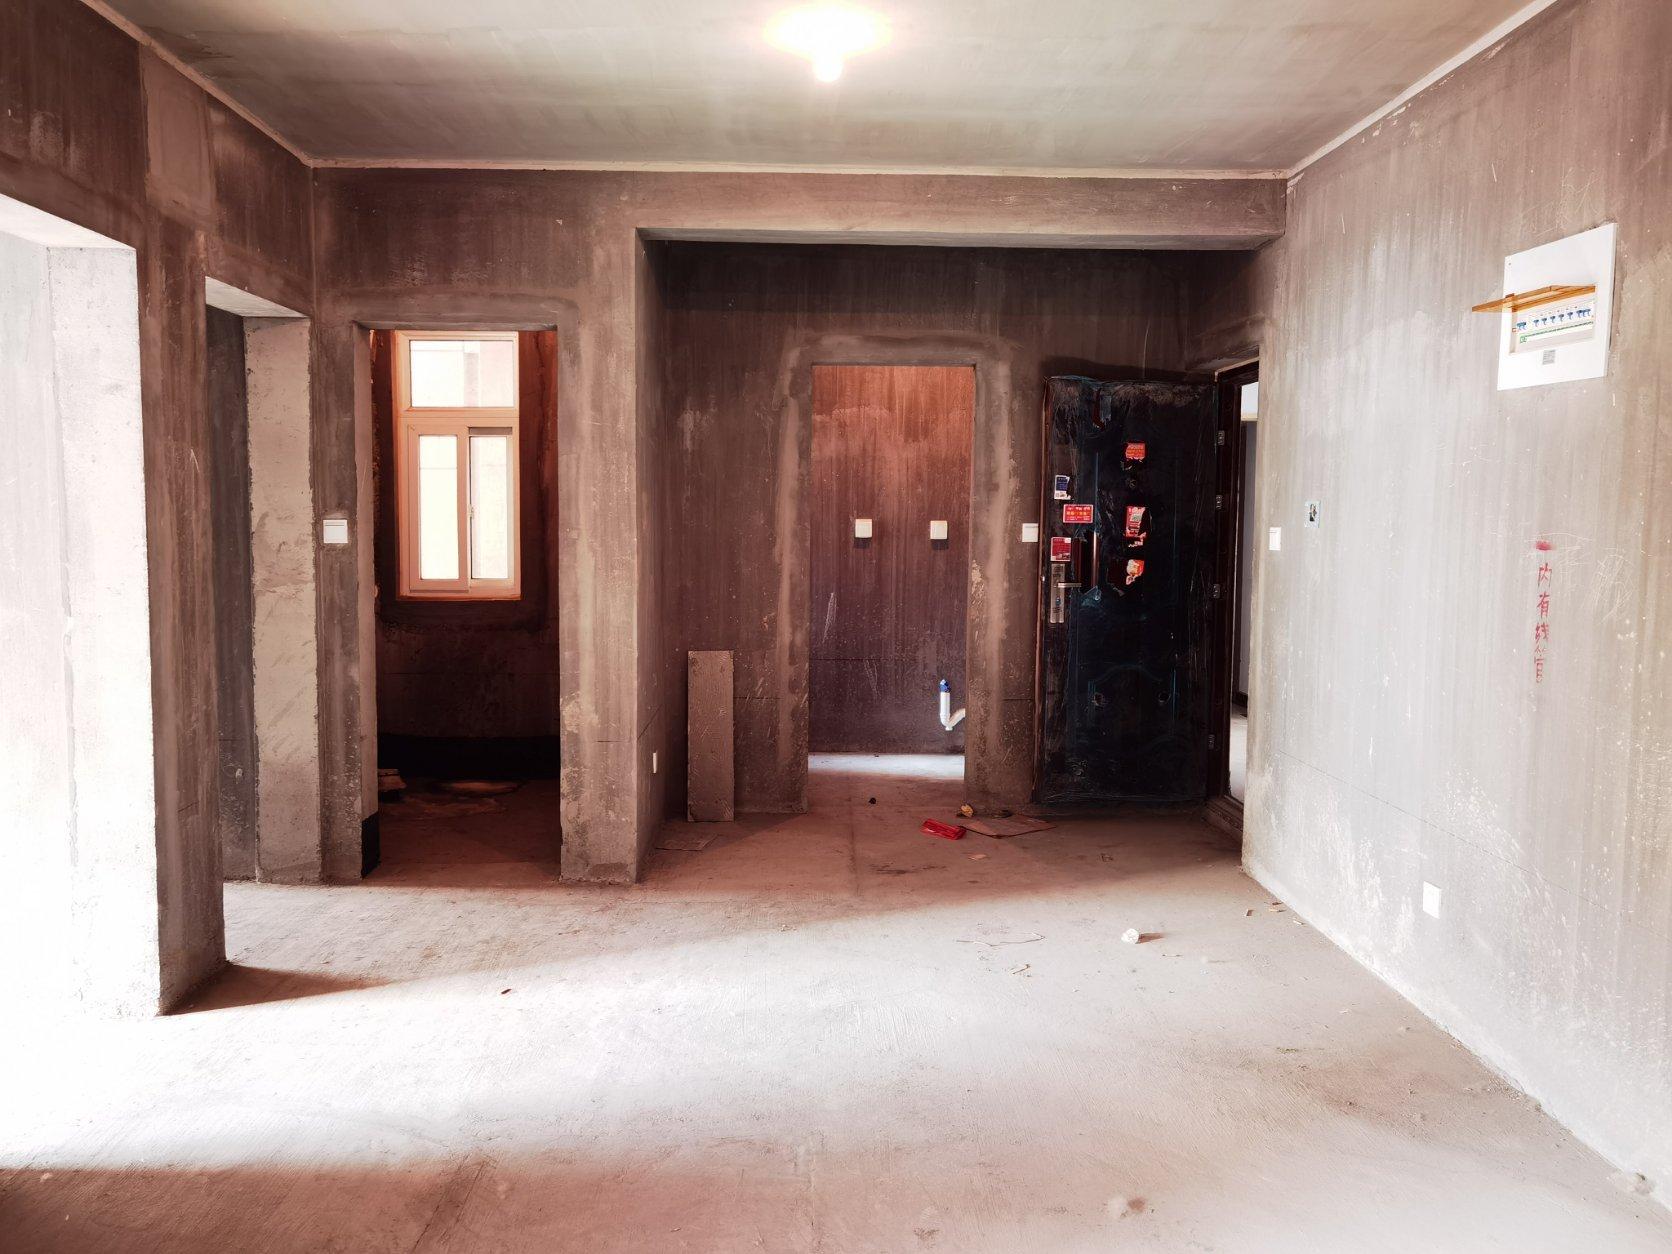 市政府 新科状元城 毛坯2室 83平64万 东南户型 可按揭